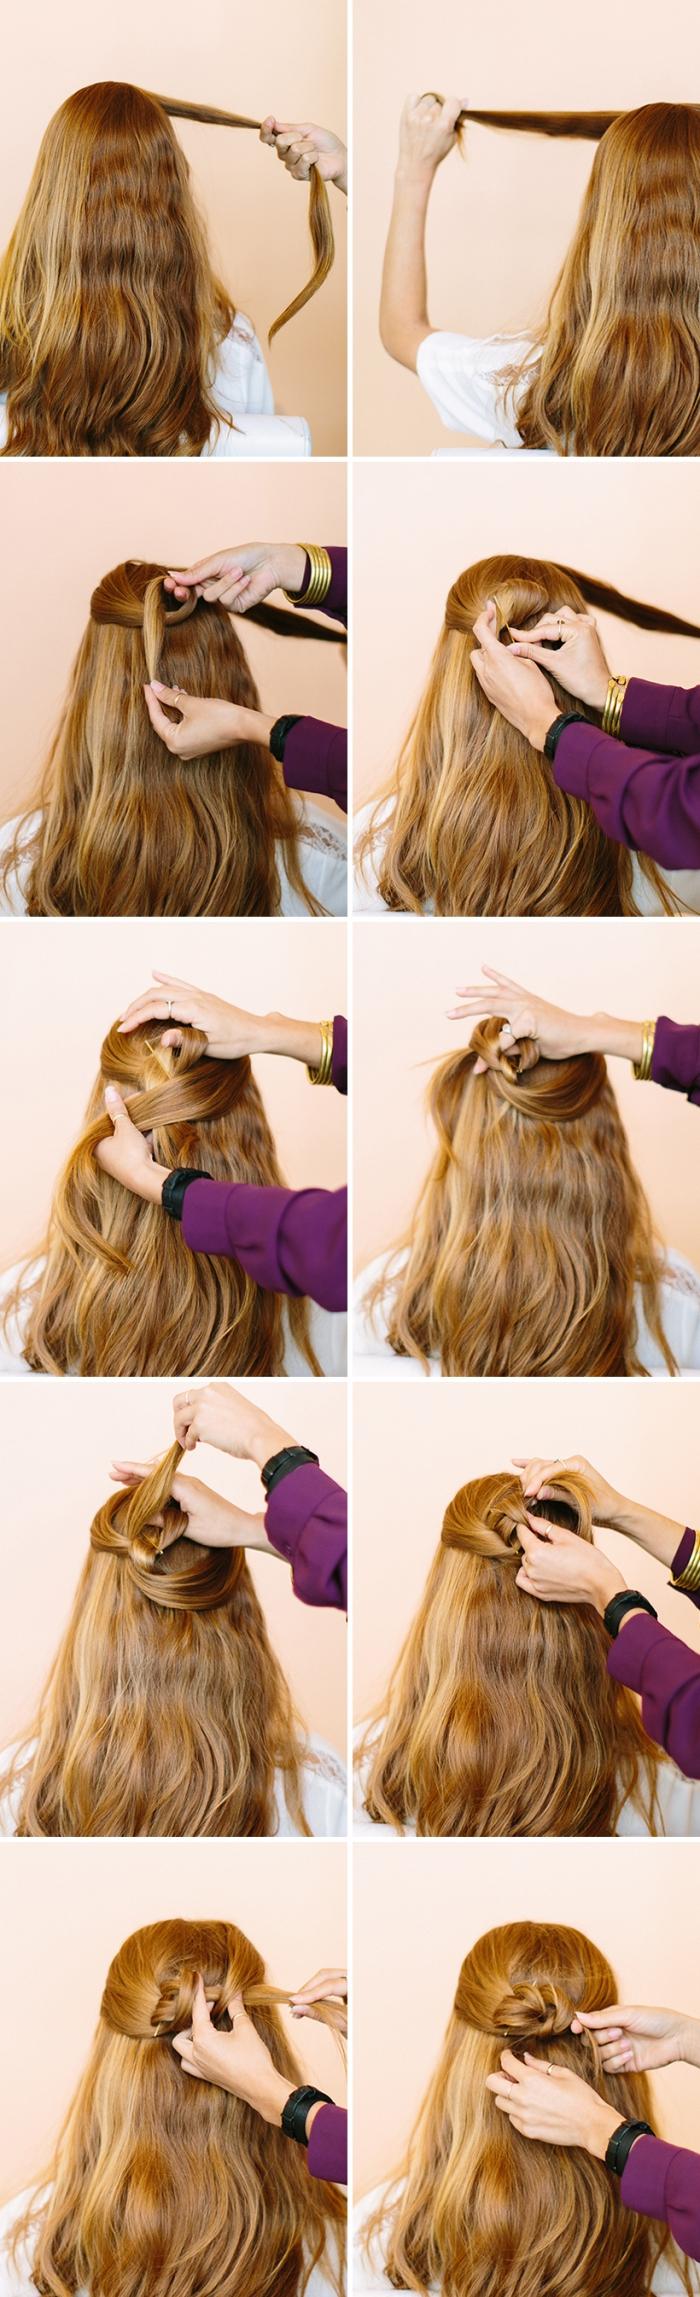 semirecogidos originales con tutoriales en fotos, peinados faciles pelo largo ondulado paso a paso